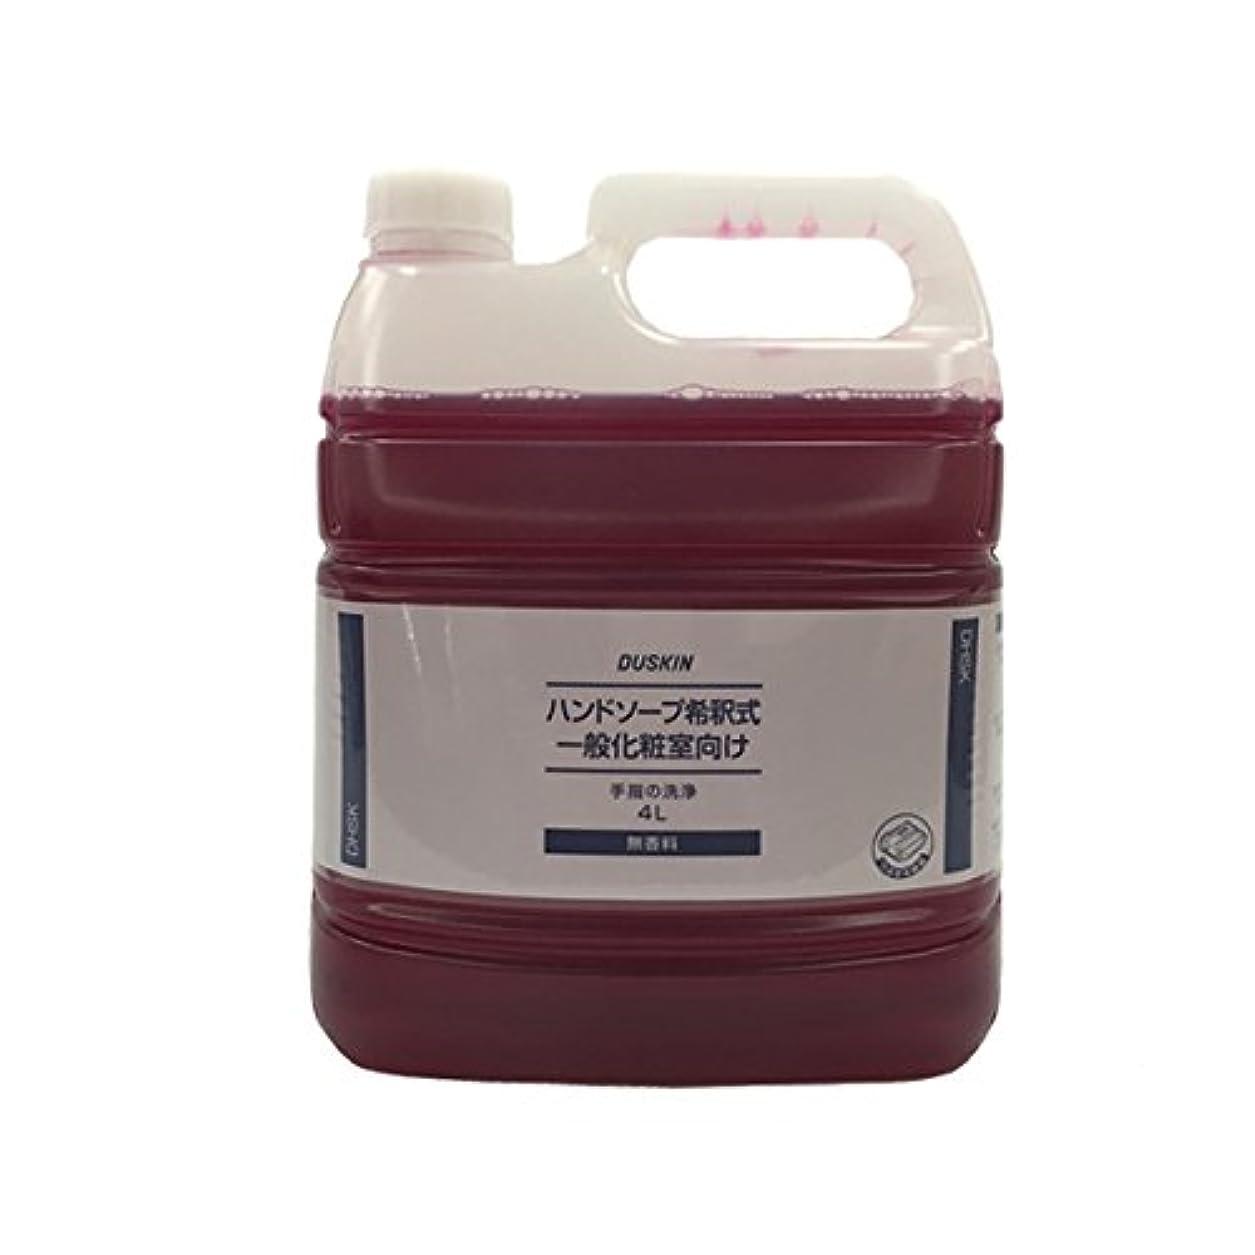 ダスキン ハンドソープ 希釈式 一般化粧室向け 4L 無香料 プッシュポンプ別売 専用ボトル ハンドスプレー別売